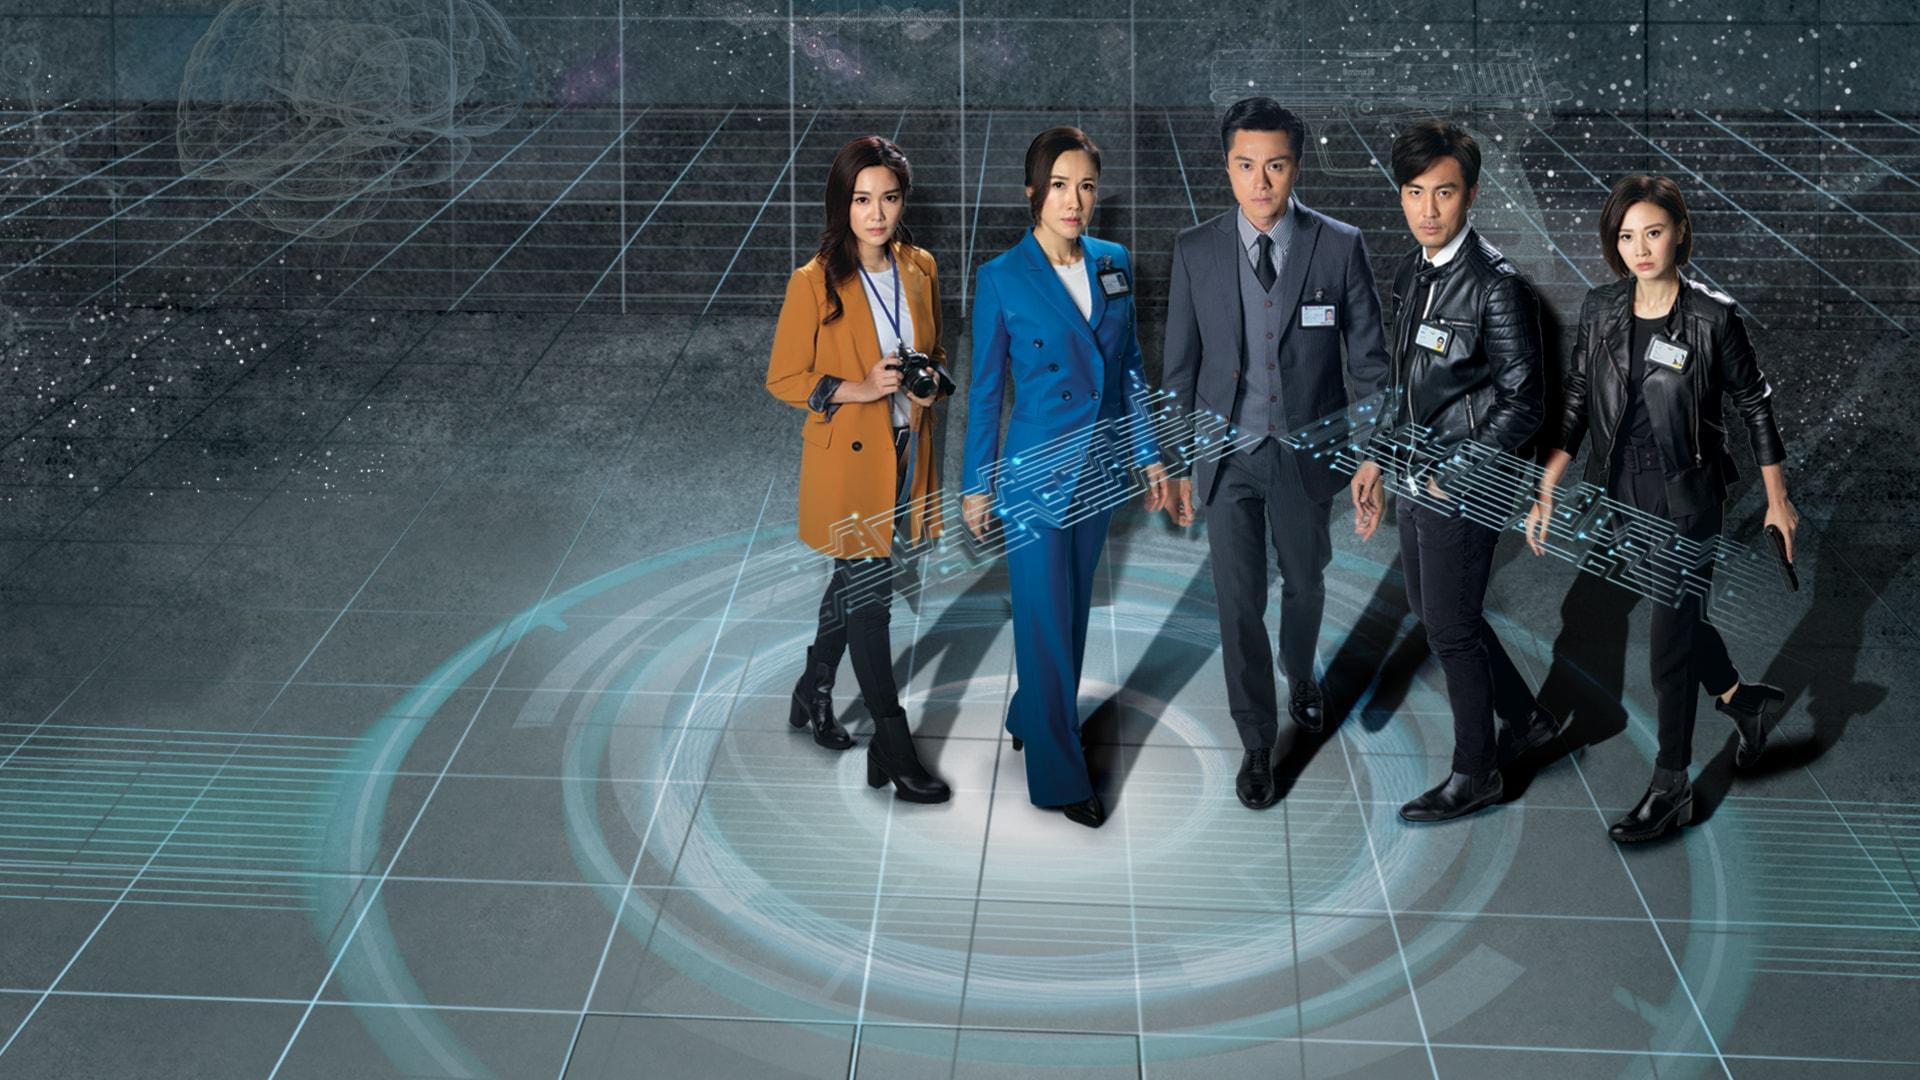 Nhiều phim, chương trình trên đài TVB bị đánh giá kém thu hút so với trước đây